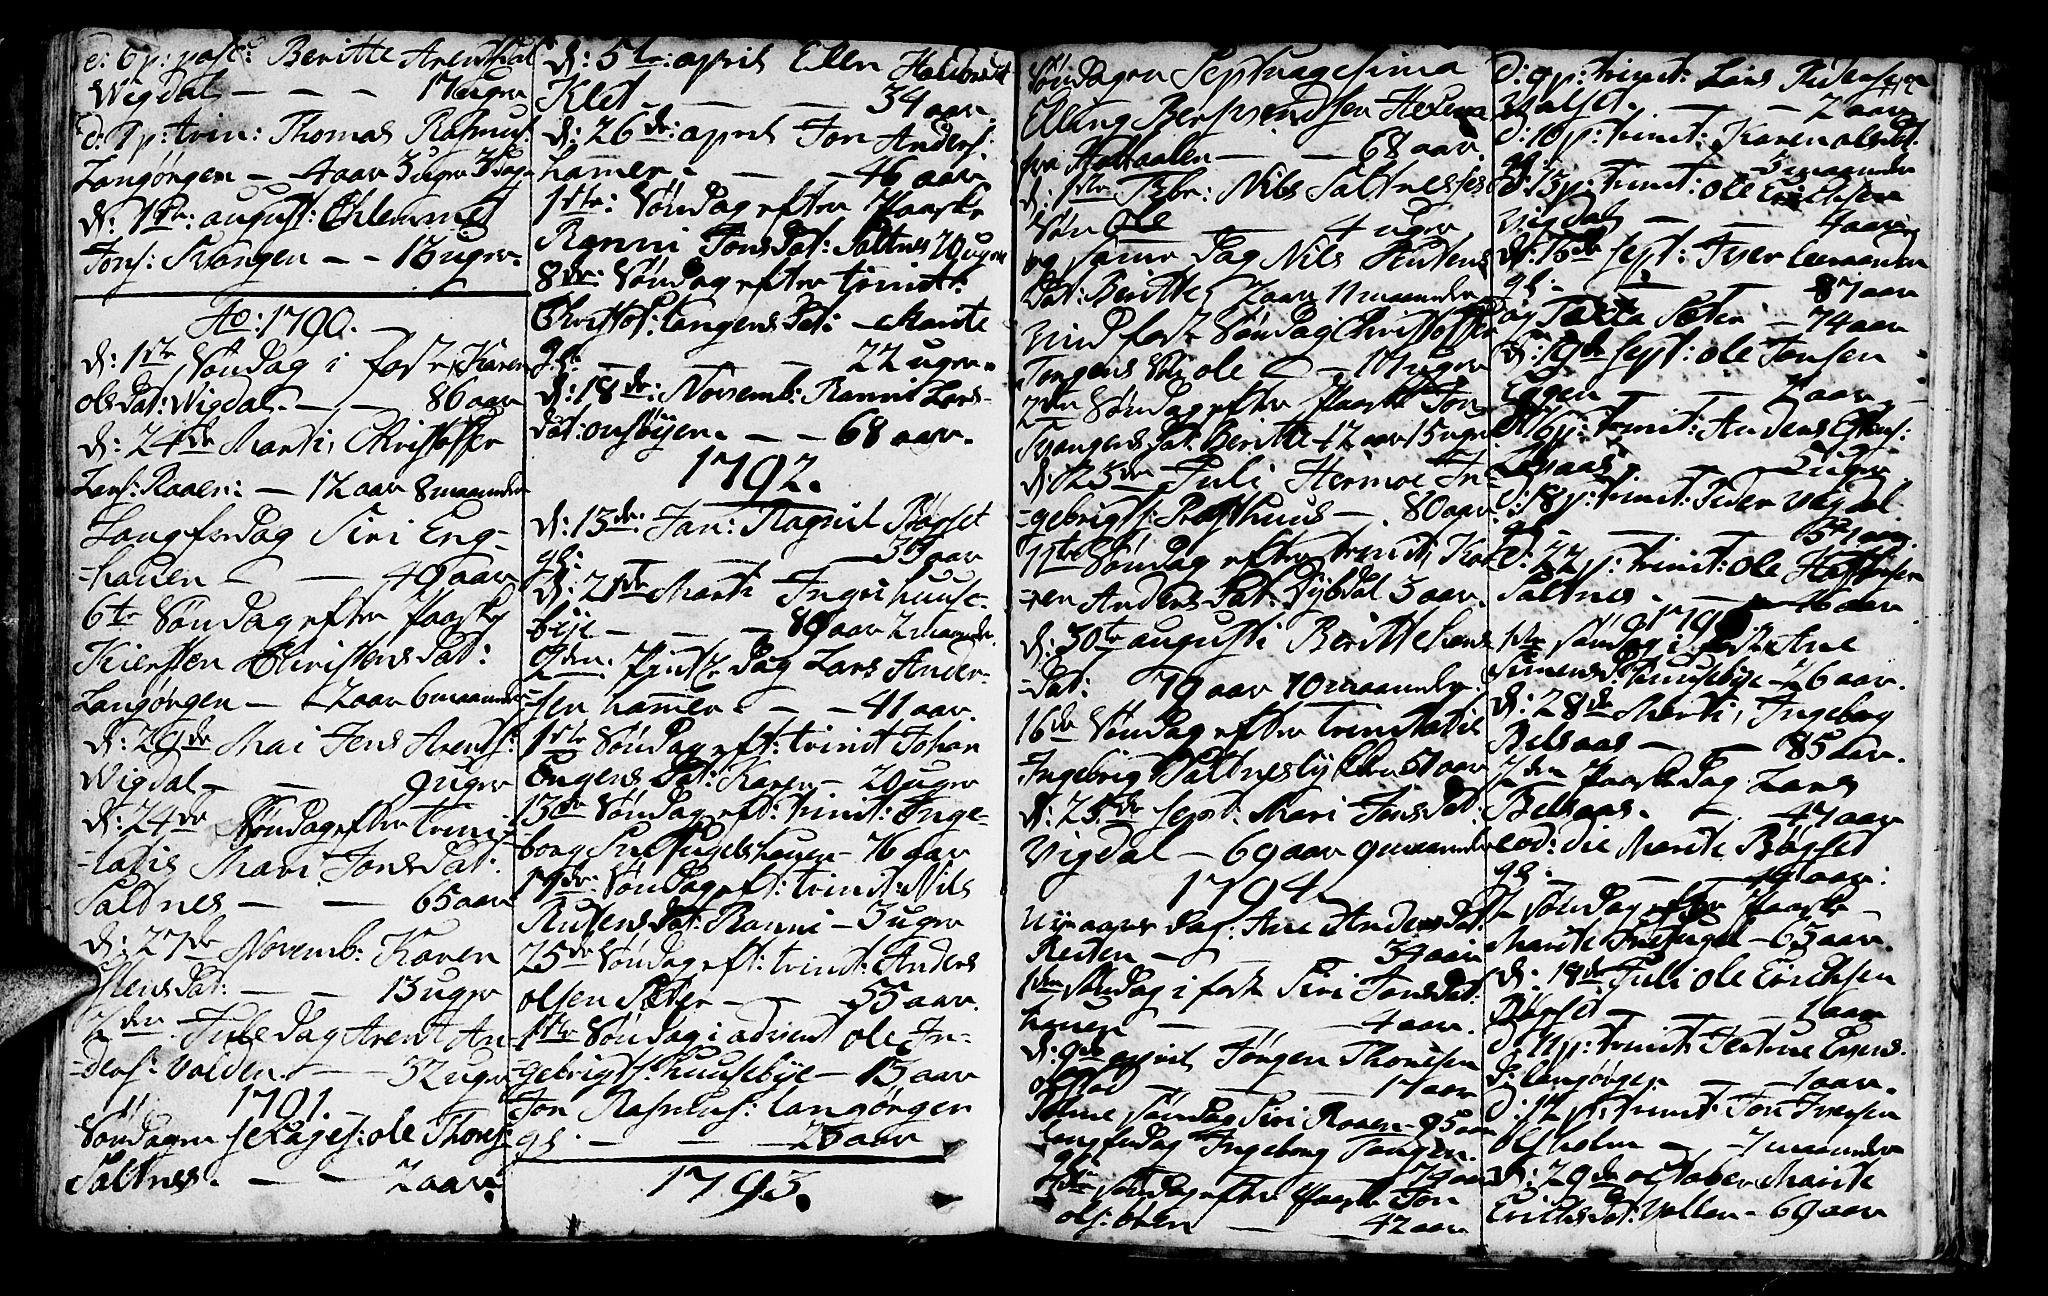 SAT, Ministerialprotokoller, klokkerbøker og fødselsregistre - Sør-Trøndelag, 666/L0784: Ministerialbok nr. 666A02, 1754-1802, s. 112